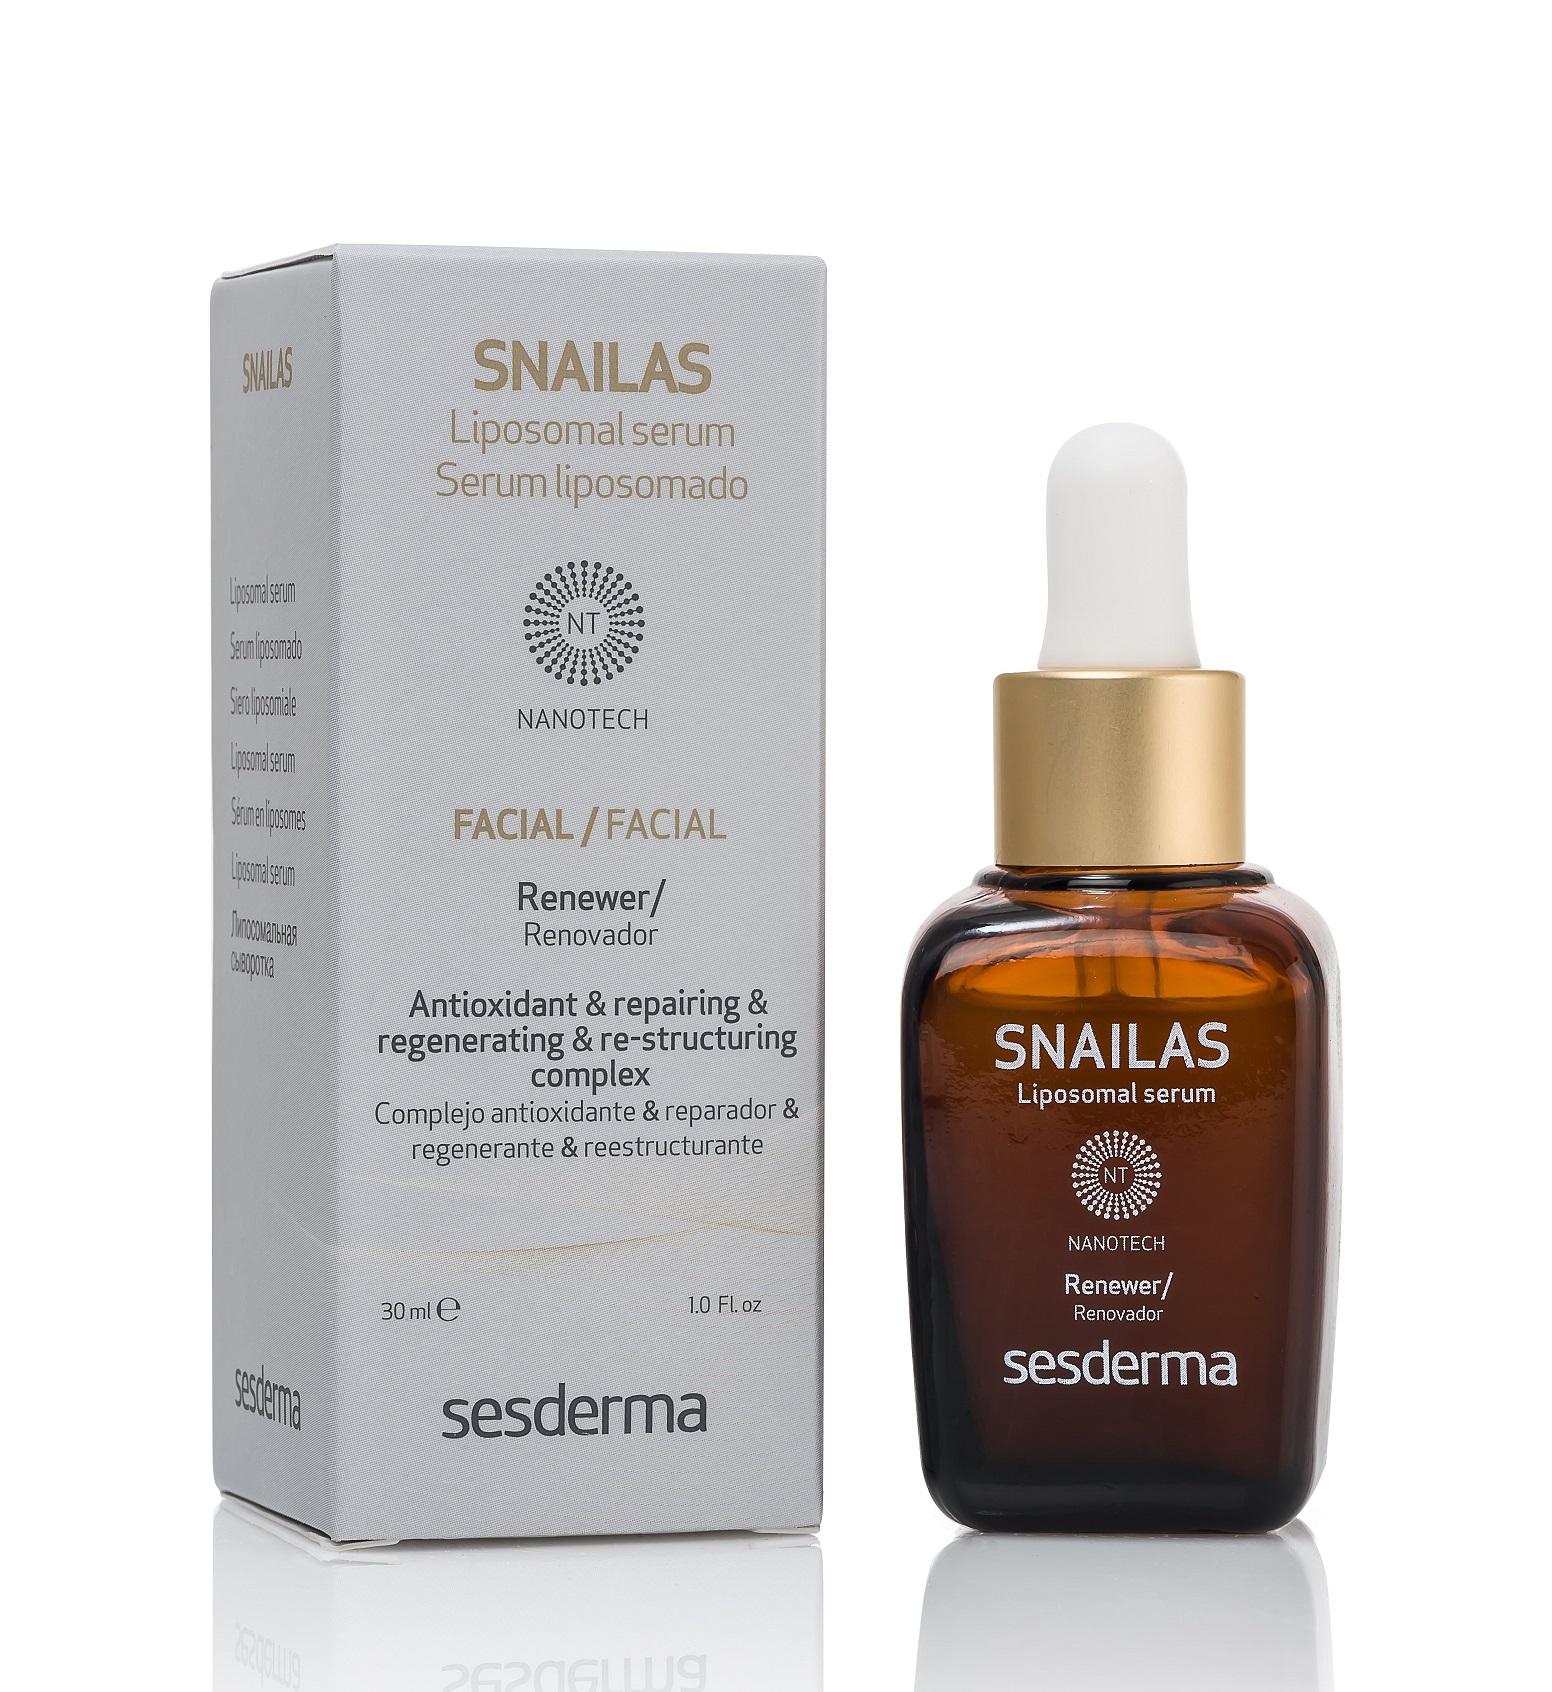 Купить SESDERMA Сыворотка липосомальная восстанавливающая для лица / SNAILAS Liposomal serum facial renewer 30 мл